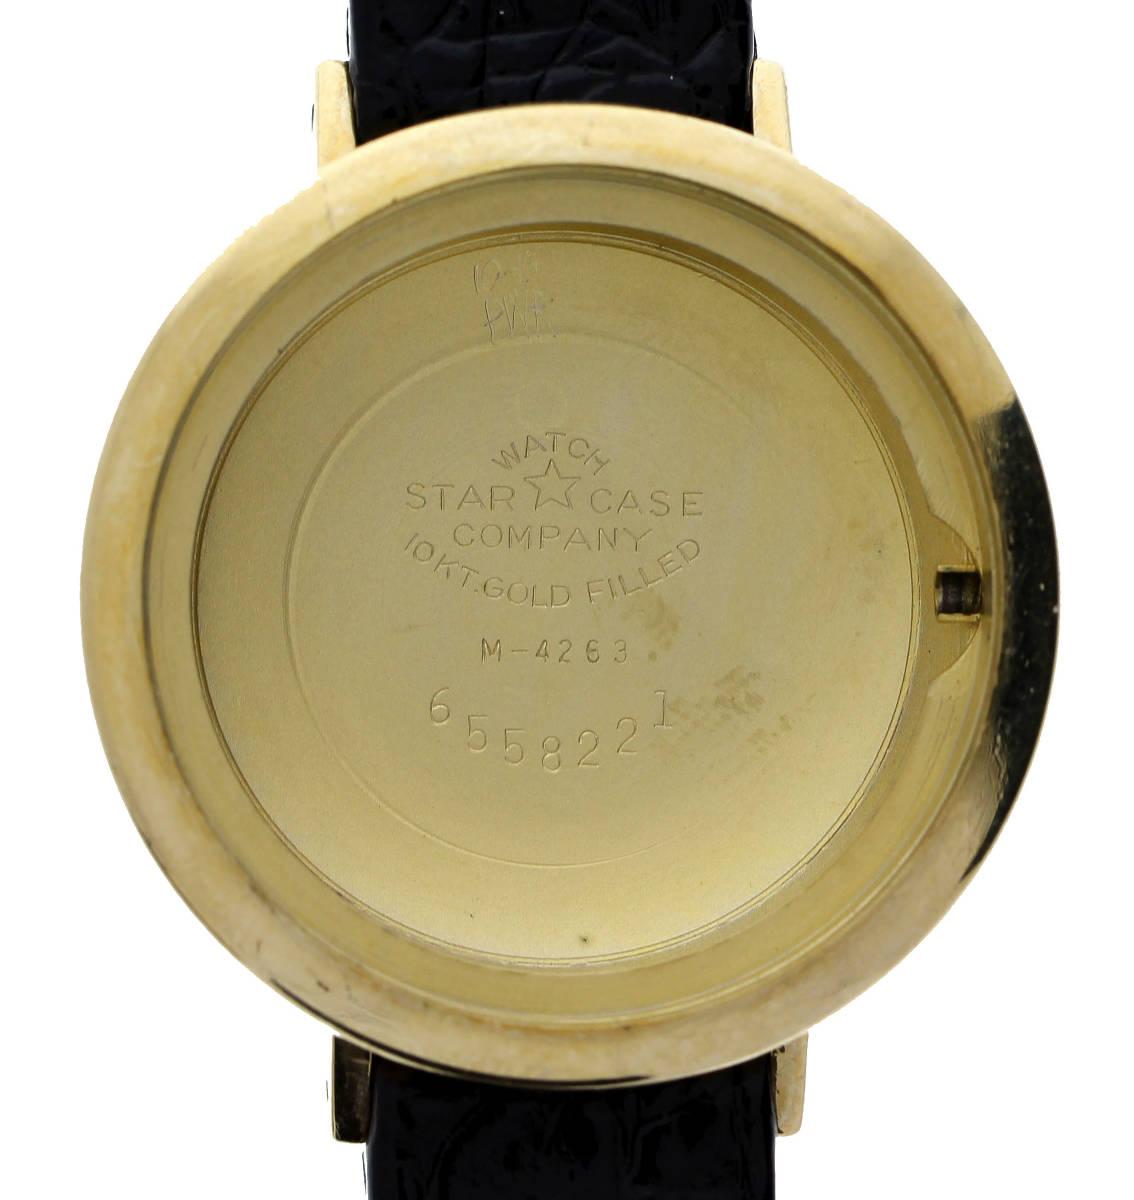 値下げ交渉あり!ヴィンテージ1960年代製NIVADAニヴァダ自動巻ウォッチ10K.G.F美品_画像8